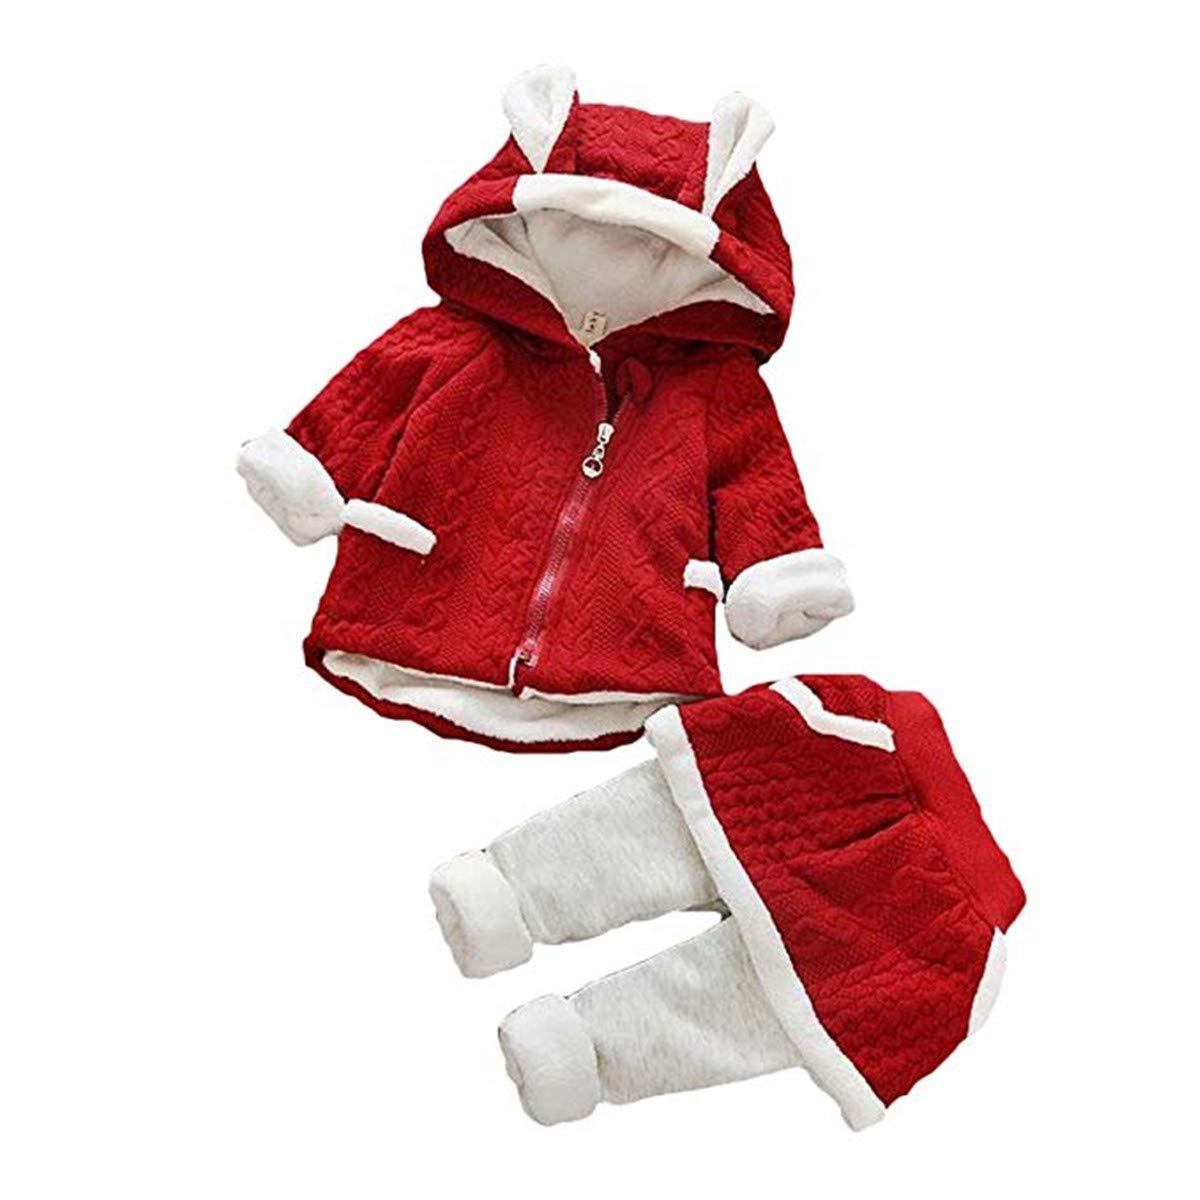 Formesy Natale Bambina 2pcs Set Abbigliamento Felpa Top con Cappuccio + Pantaloni Coniglio Forma Invernale Abiti Set